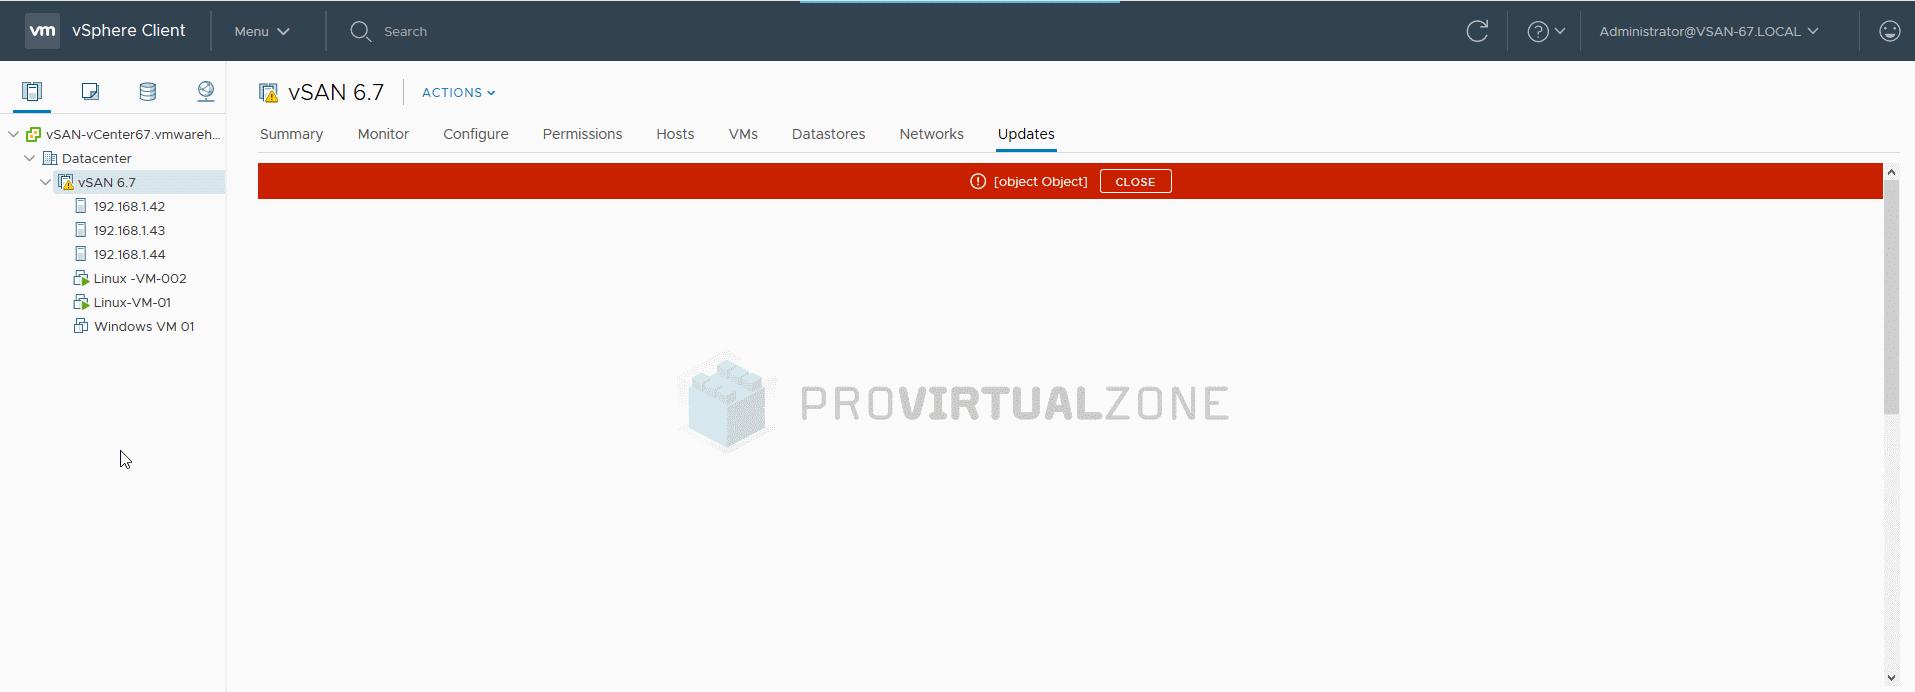 vum Archives > ProVirtualzone - Virtual Infrastructures